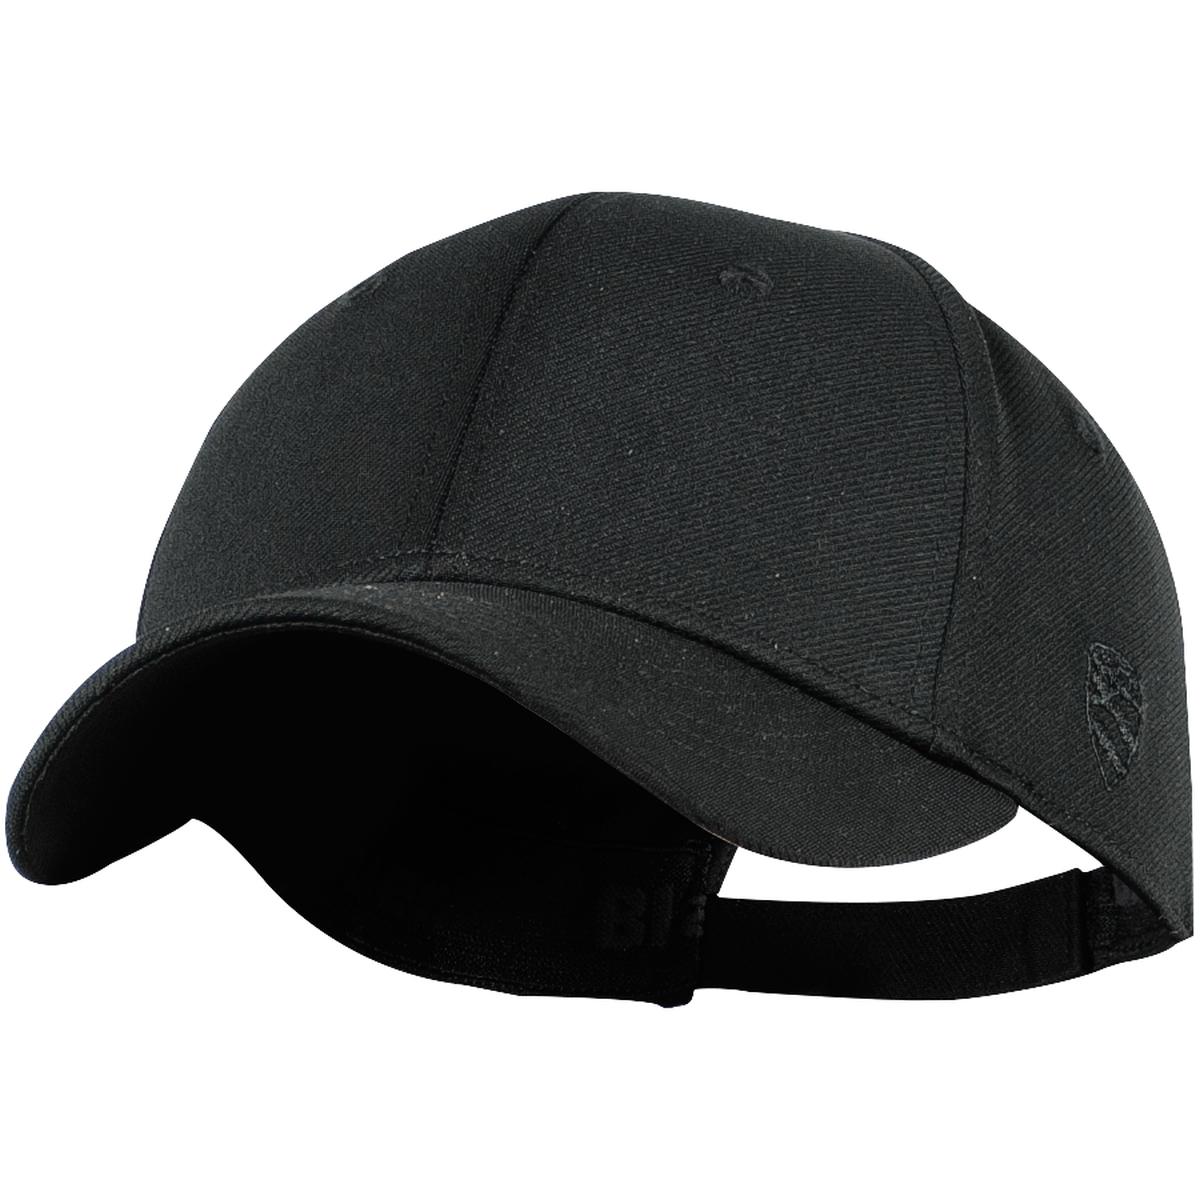 Stretch Fitted Cap w/ Velcro Closure-